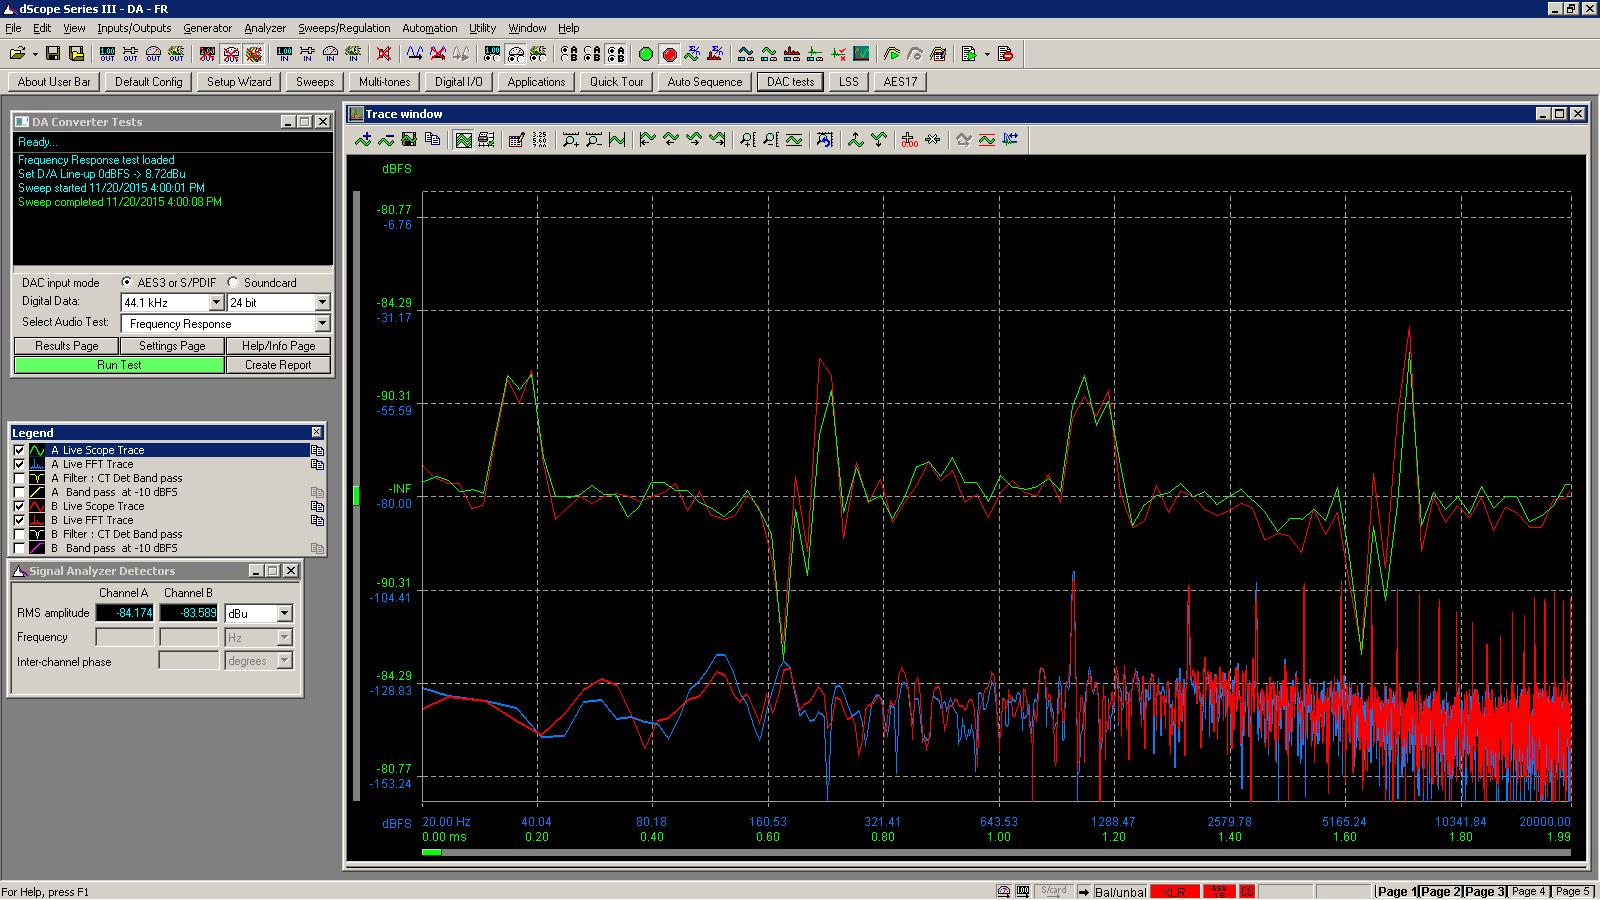 20151120 Bifrost MB SE 1KHz -90 dBFS - toslink.PNG